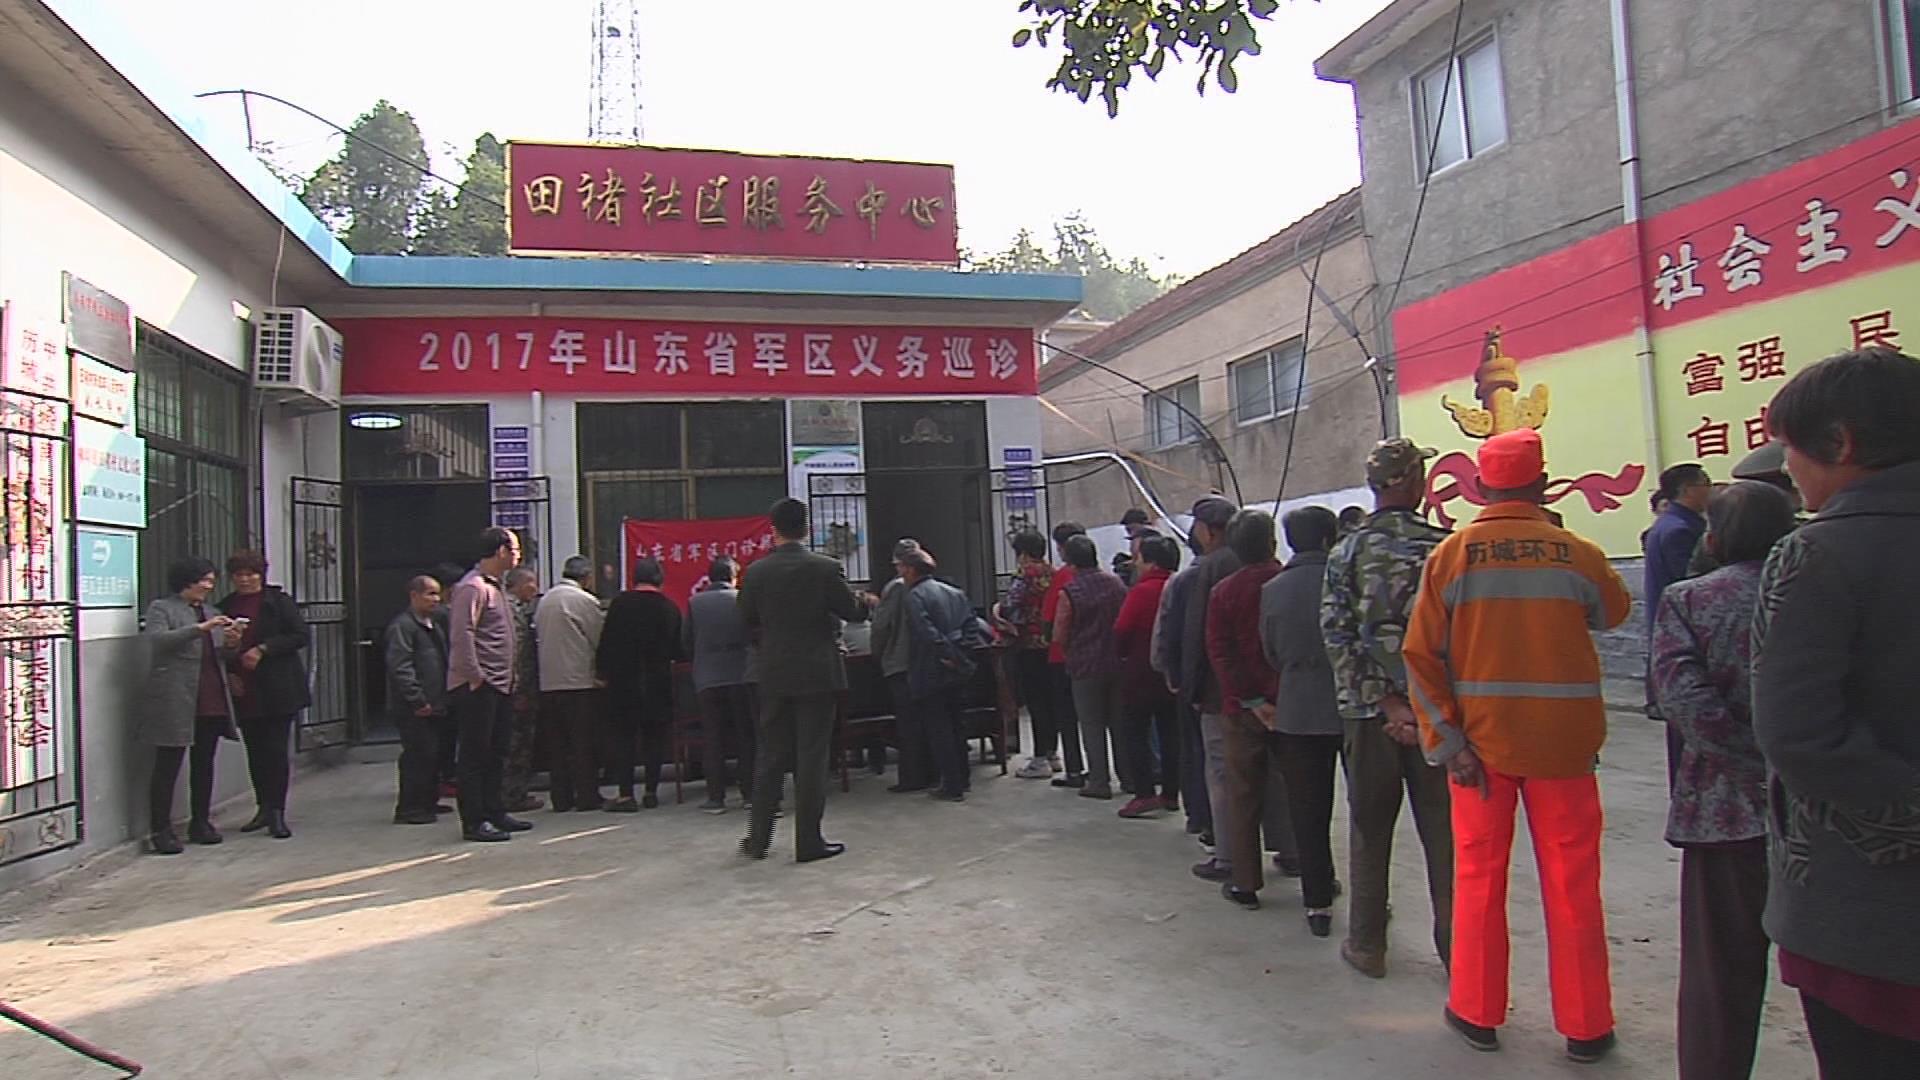 国家扶贫日:山东省军区开展扶贫帮困 因地制宜精准扶贫